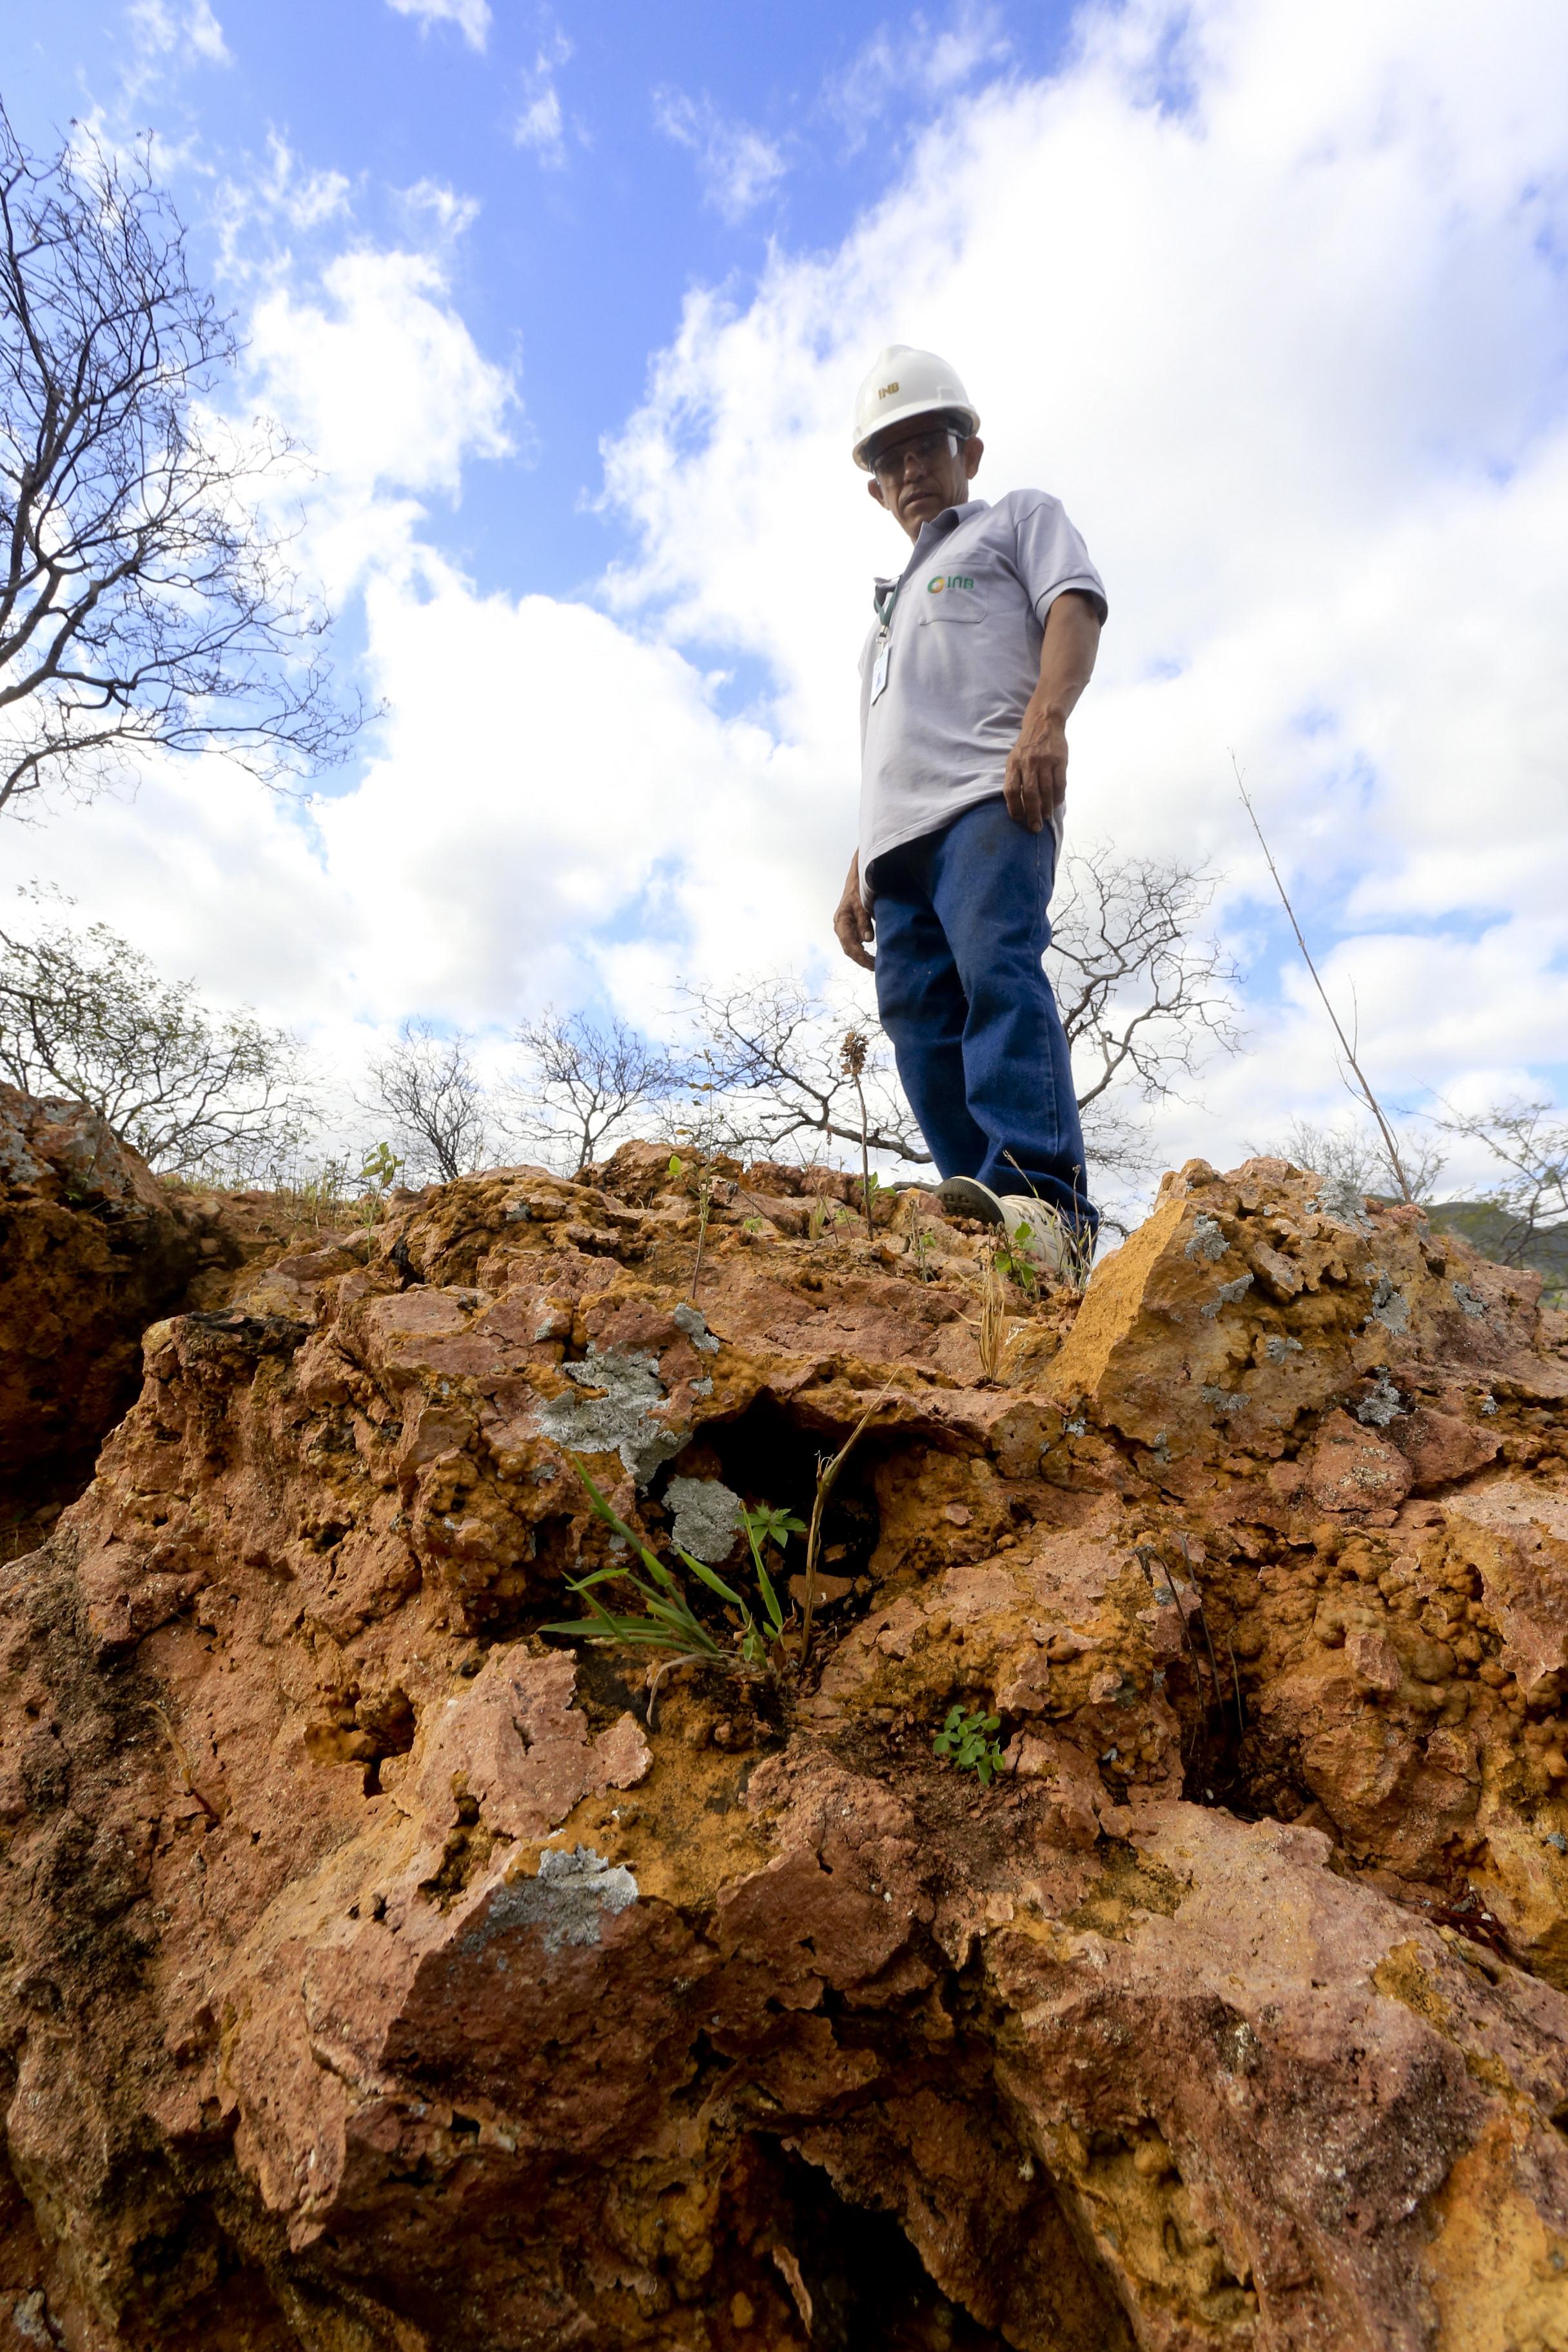 (Foto: O POVO)SANTA QUITÉRIA, CE, BRASIL, 20-07-2015: Antônio Dias Gomes, 54, funcionário da mina de urânio e fosfato de Itataia. Mina de urânio (minério) em Santa Quitéria. (Foto: Fábio Lima/O POVO)